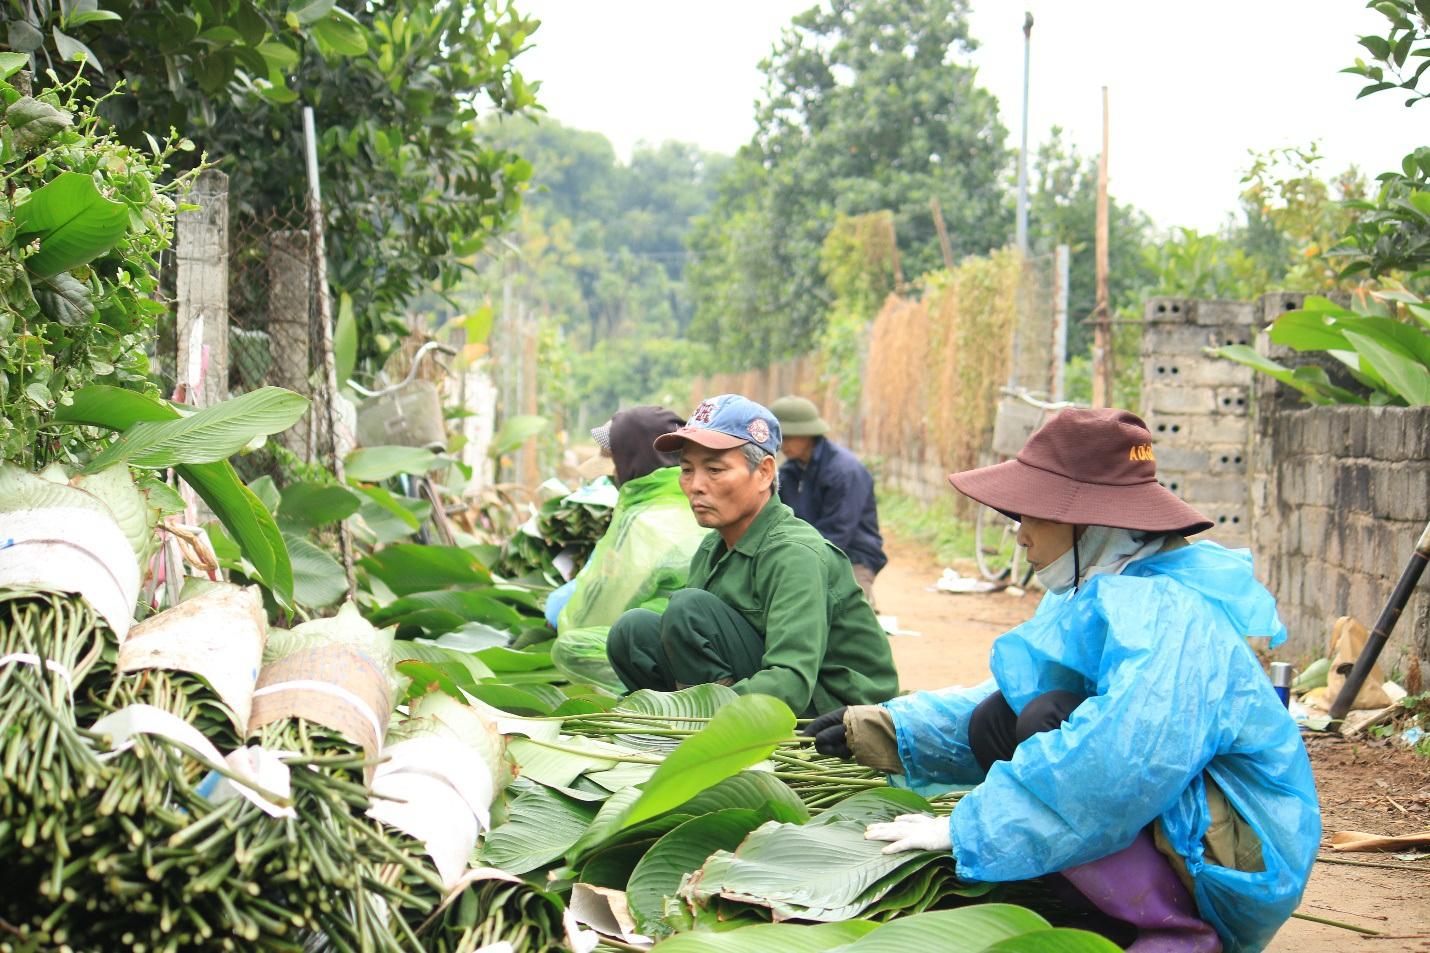 Ngôi làng cổ 400 năm trồng lá dong ở Hà Nội, người dân hái lá đếm tiền - 1